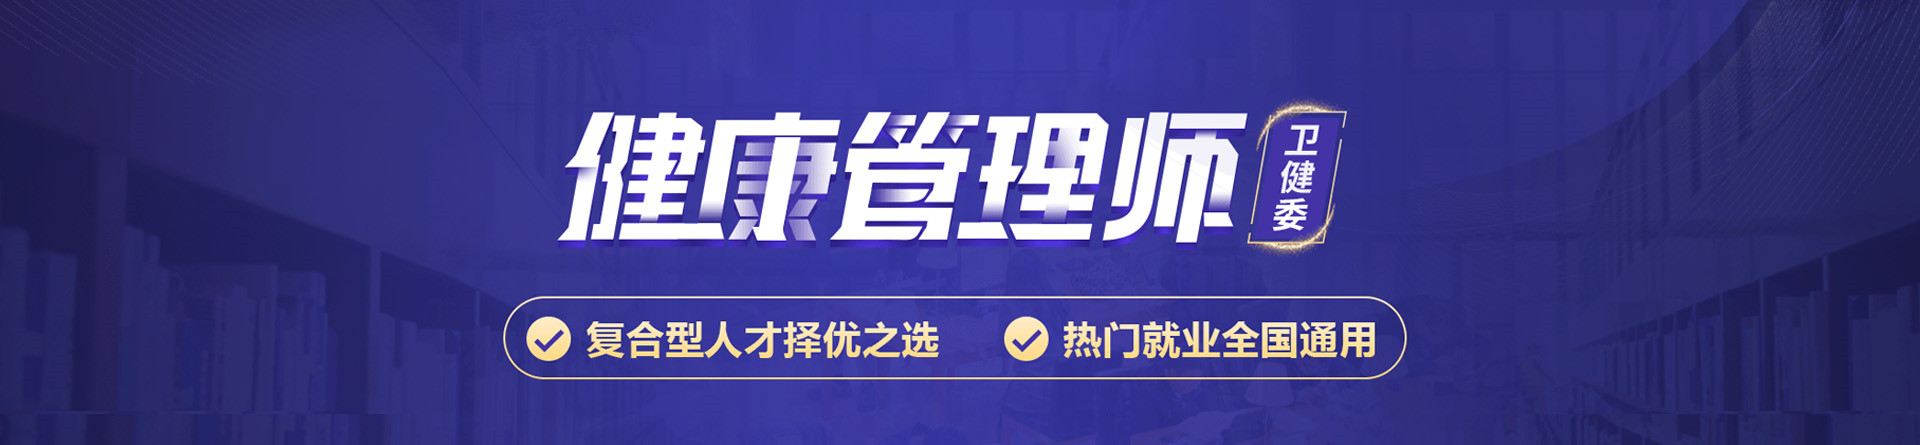 甘肃陇南优路教育培训学校